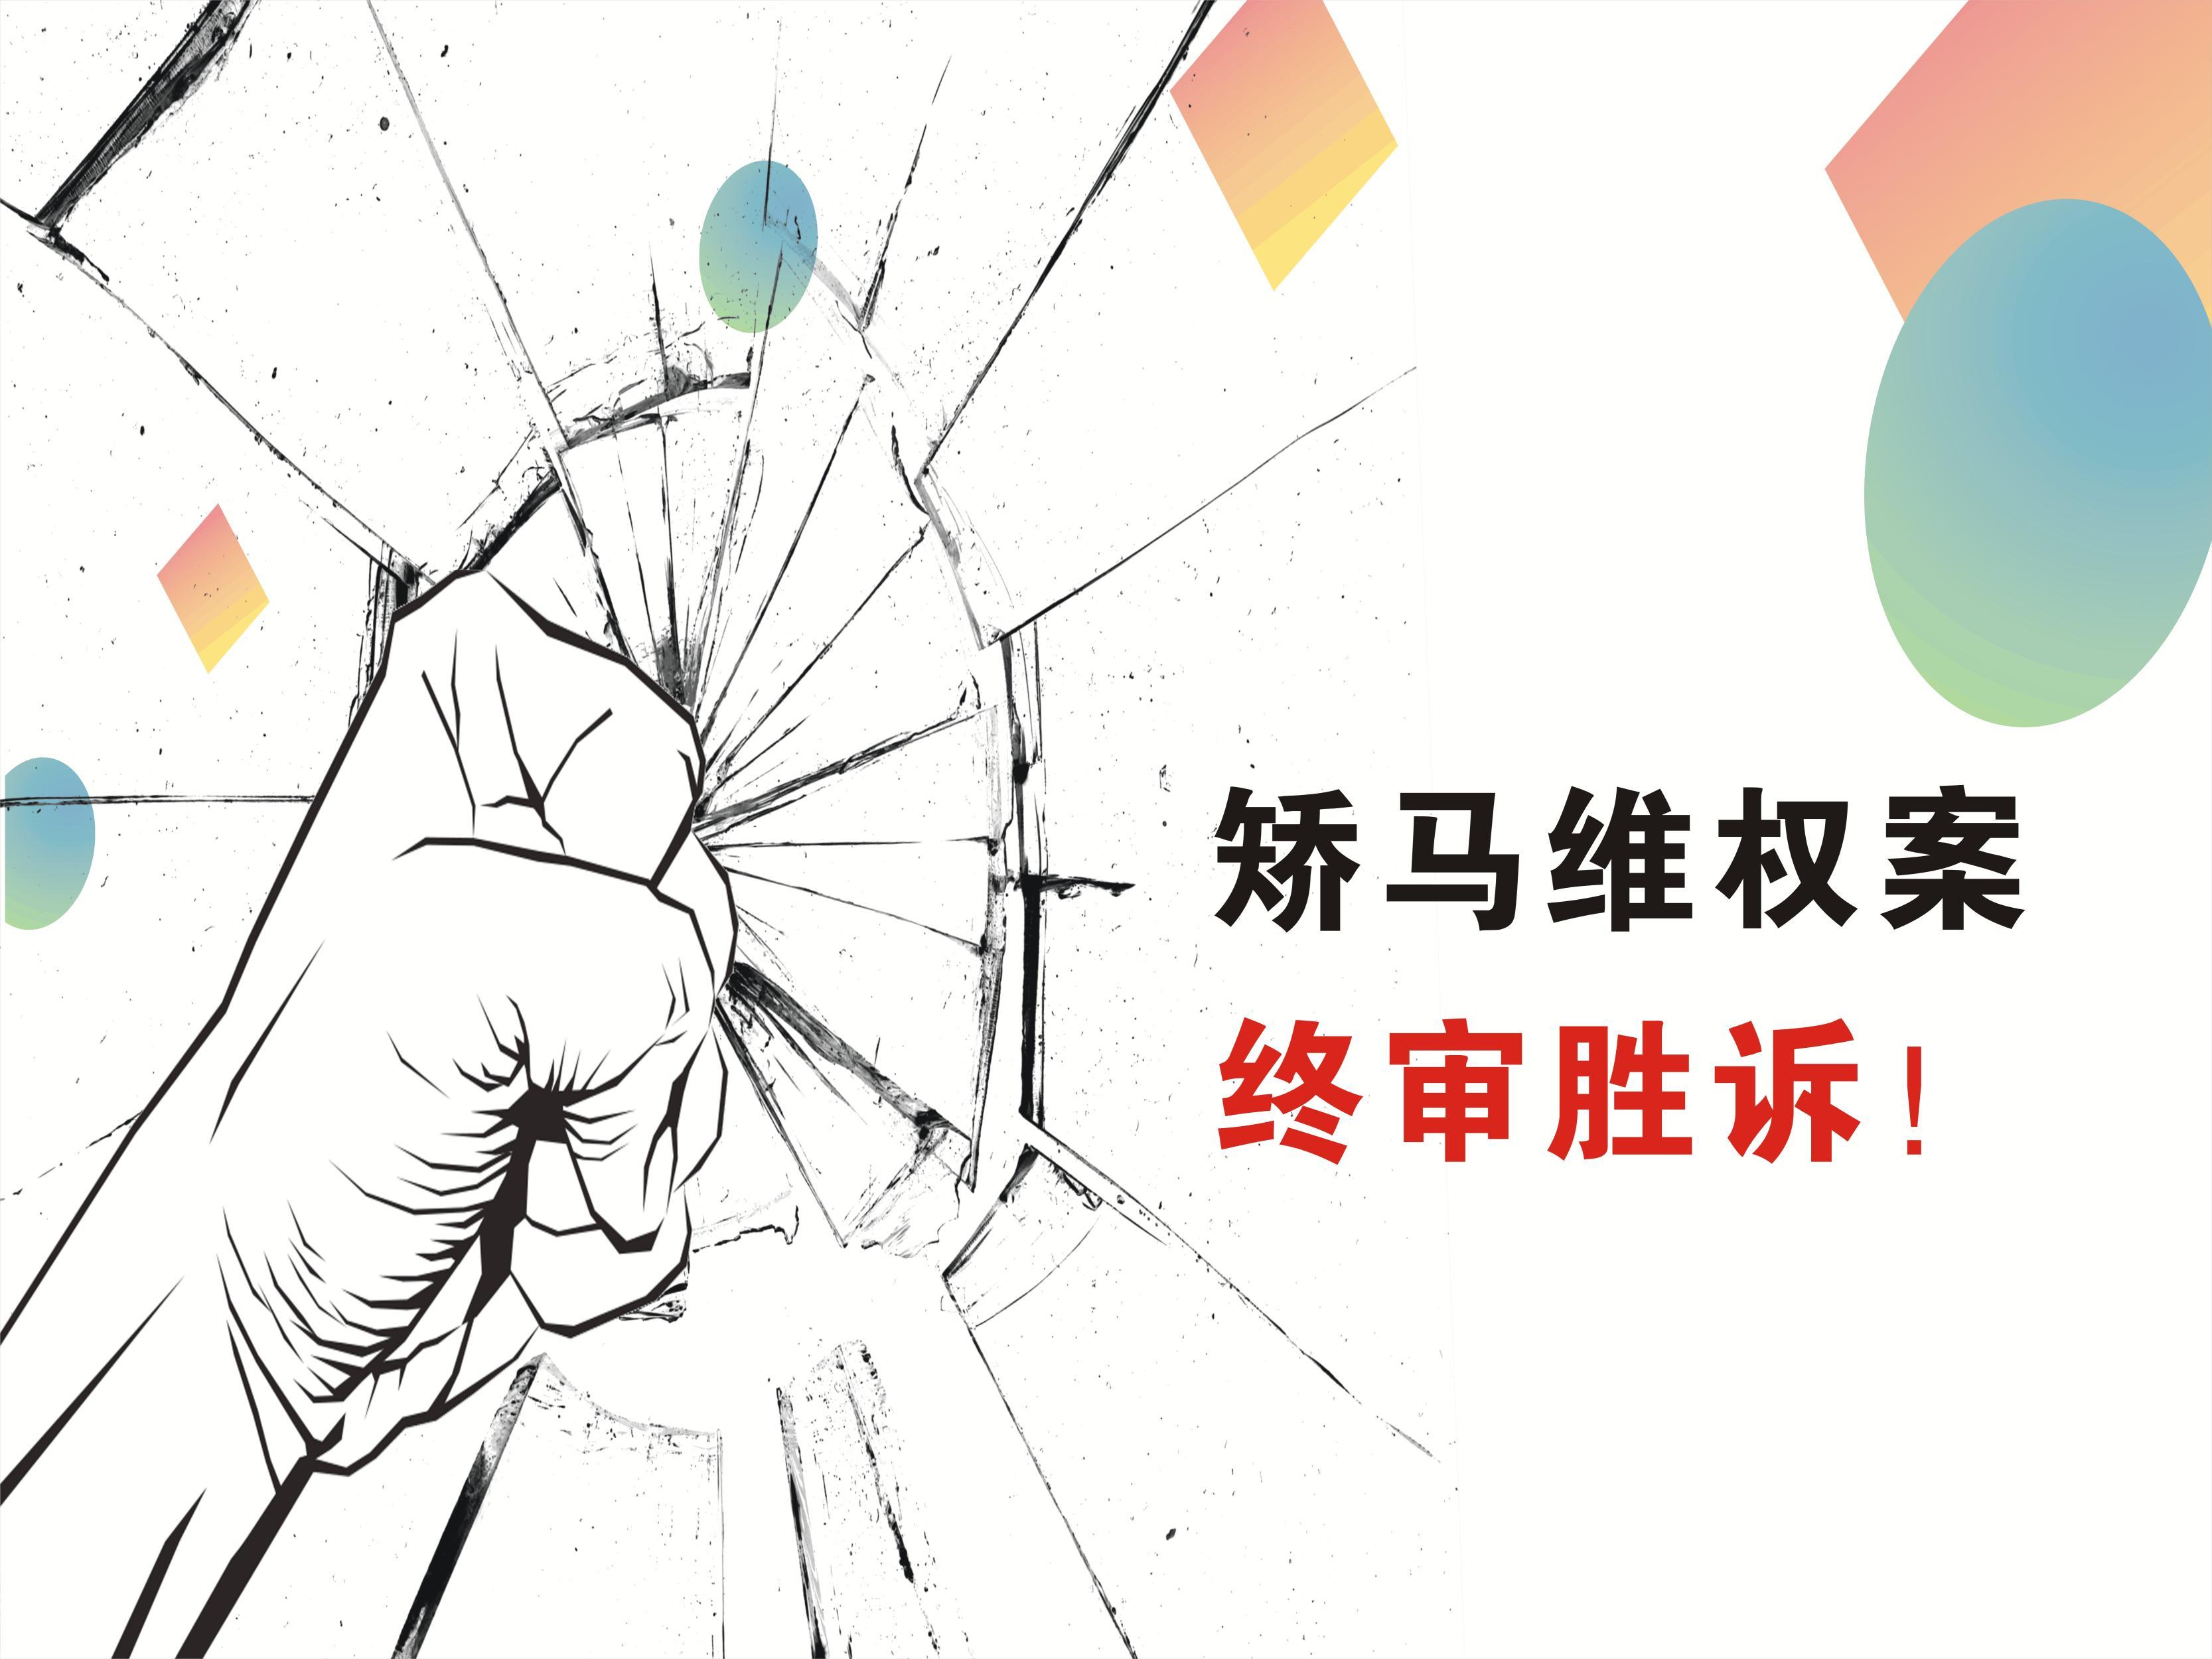 矫马维权案终审胜诉——驳回青岛皇家矫马公司上诉,维持原判!(附判决书原文)